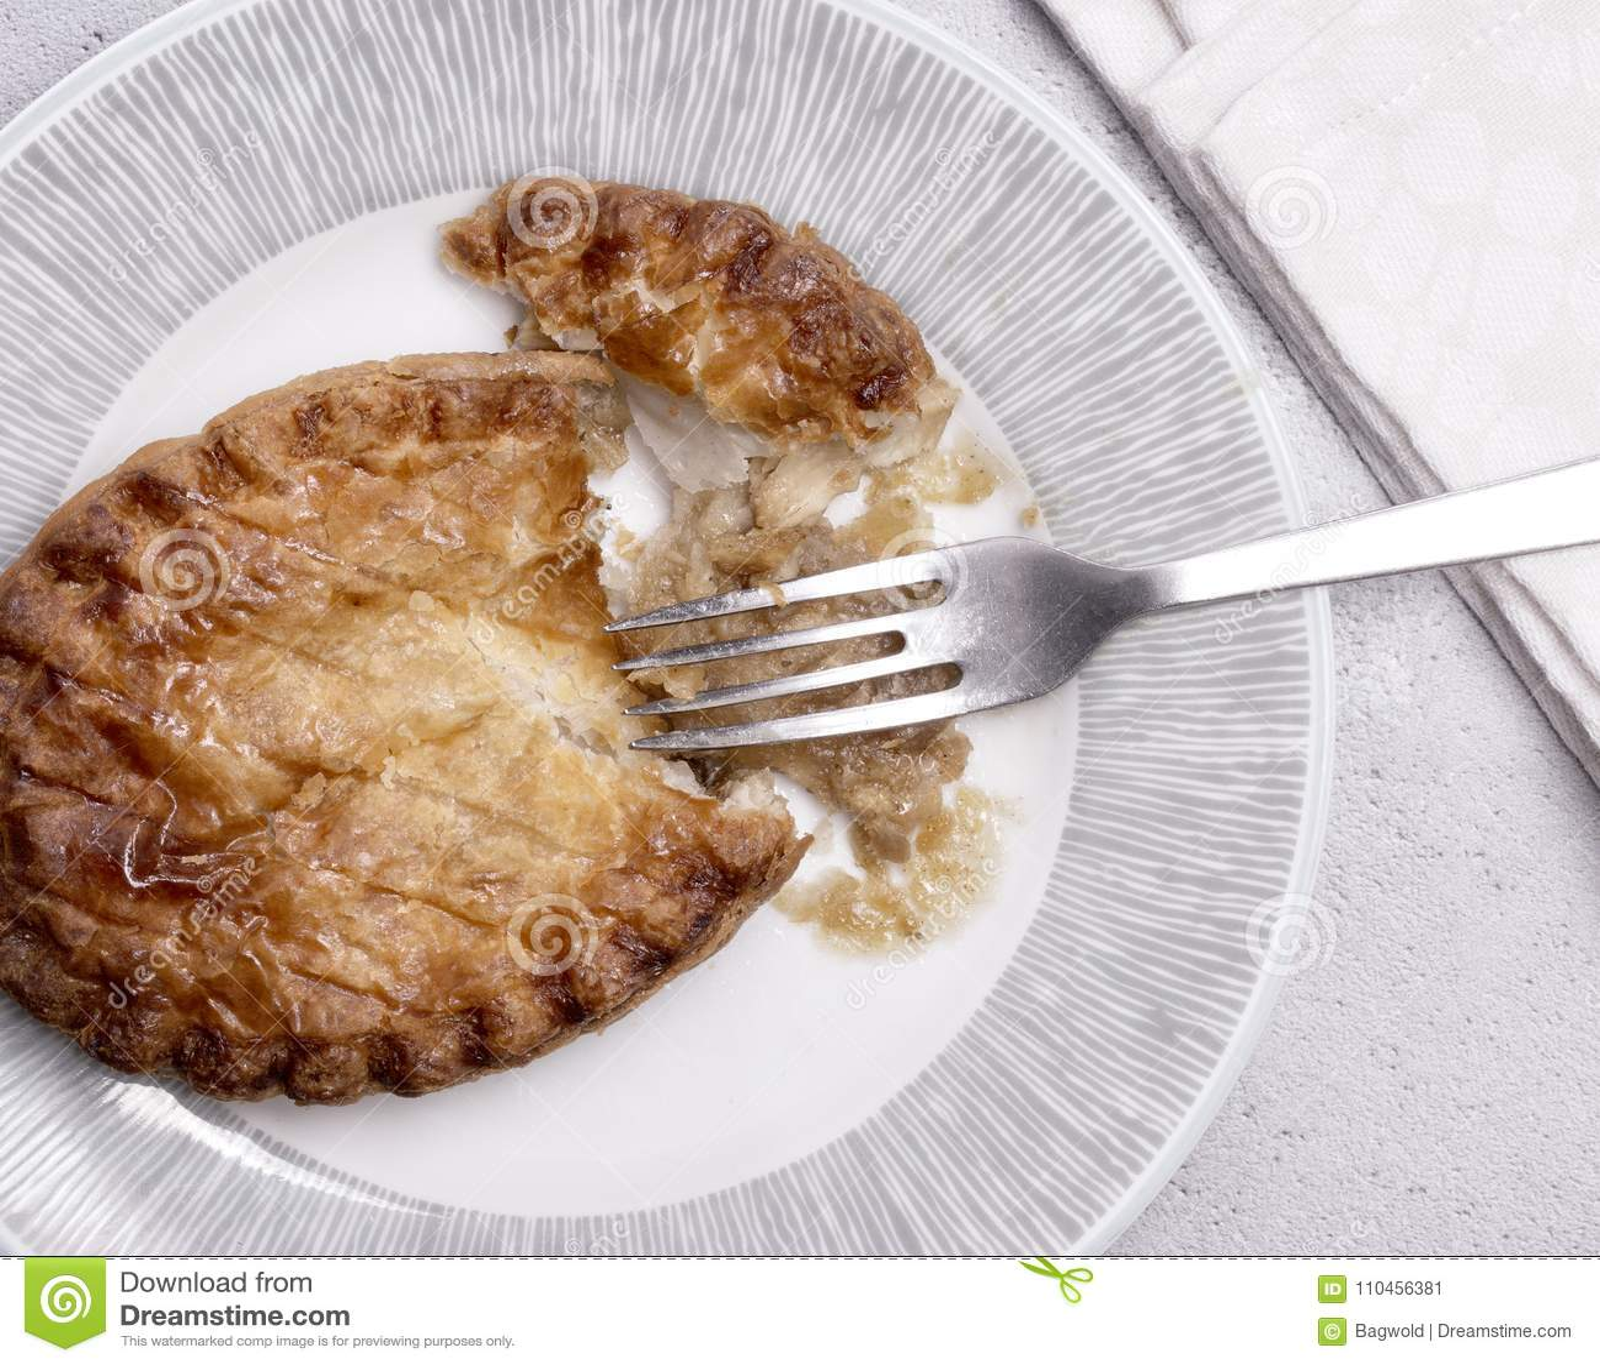 Över huvudet sikt av en feg paj på en platta med gaffeln